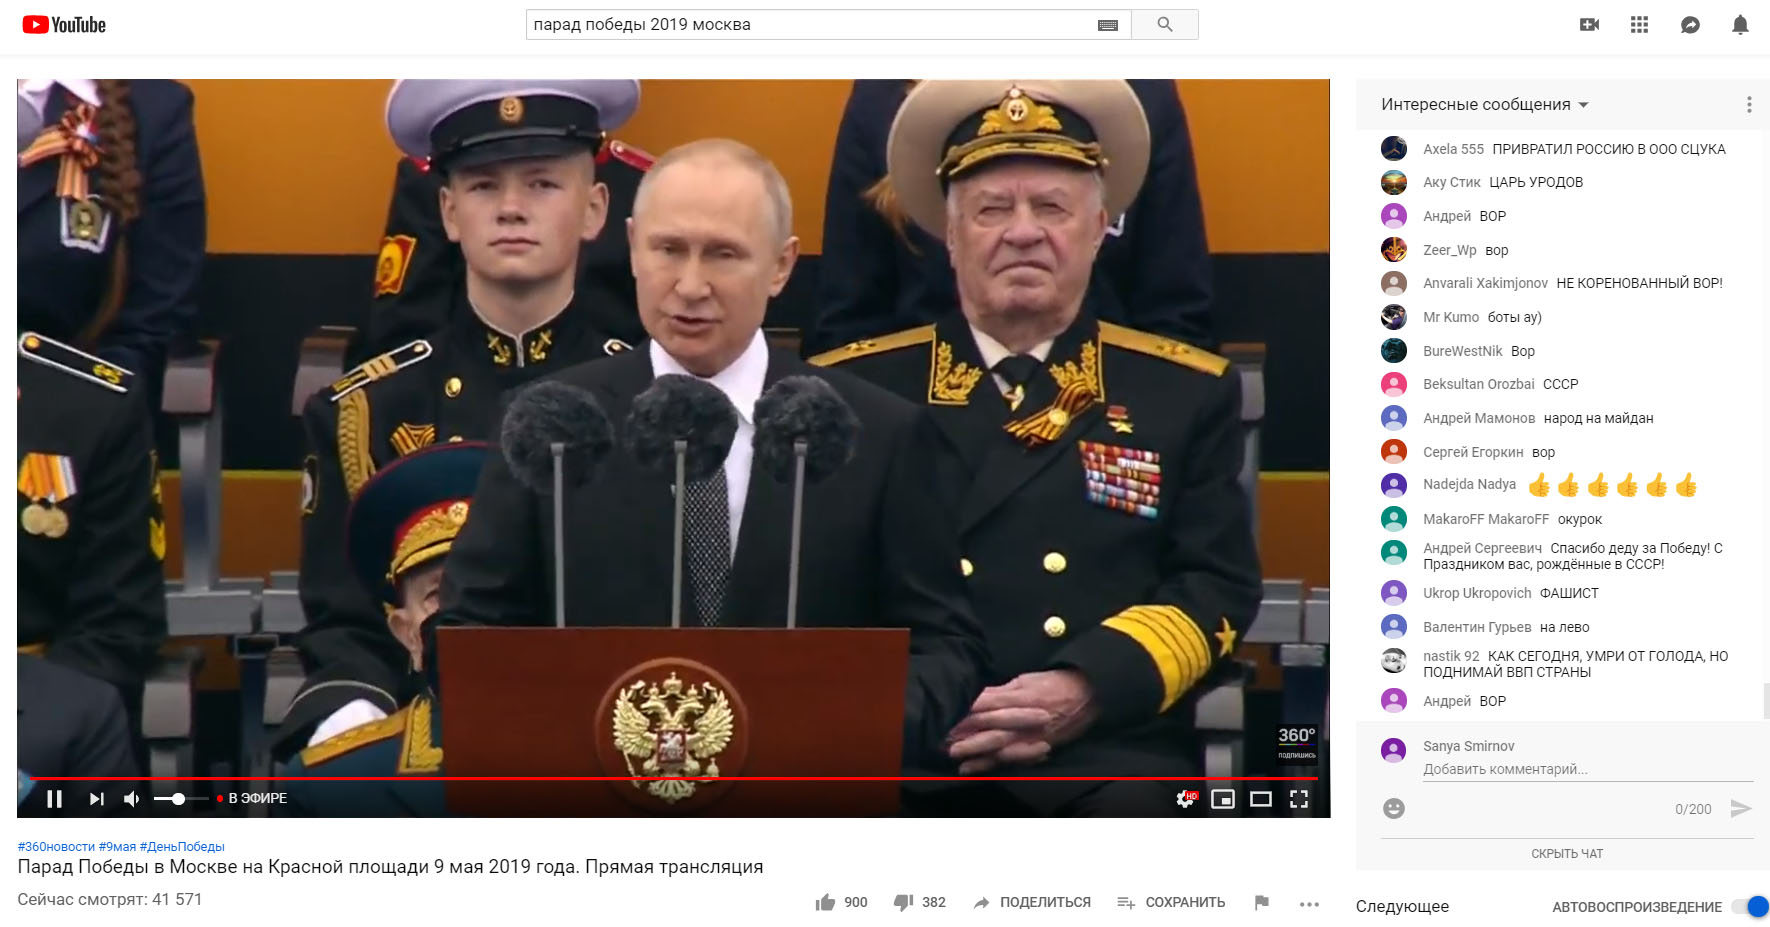 Массовое неуважение к Путину на День Победы